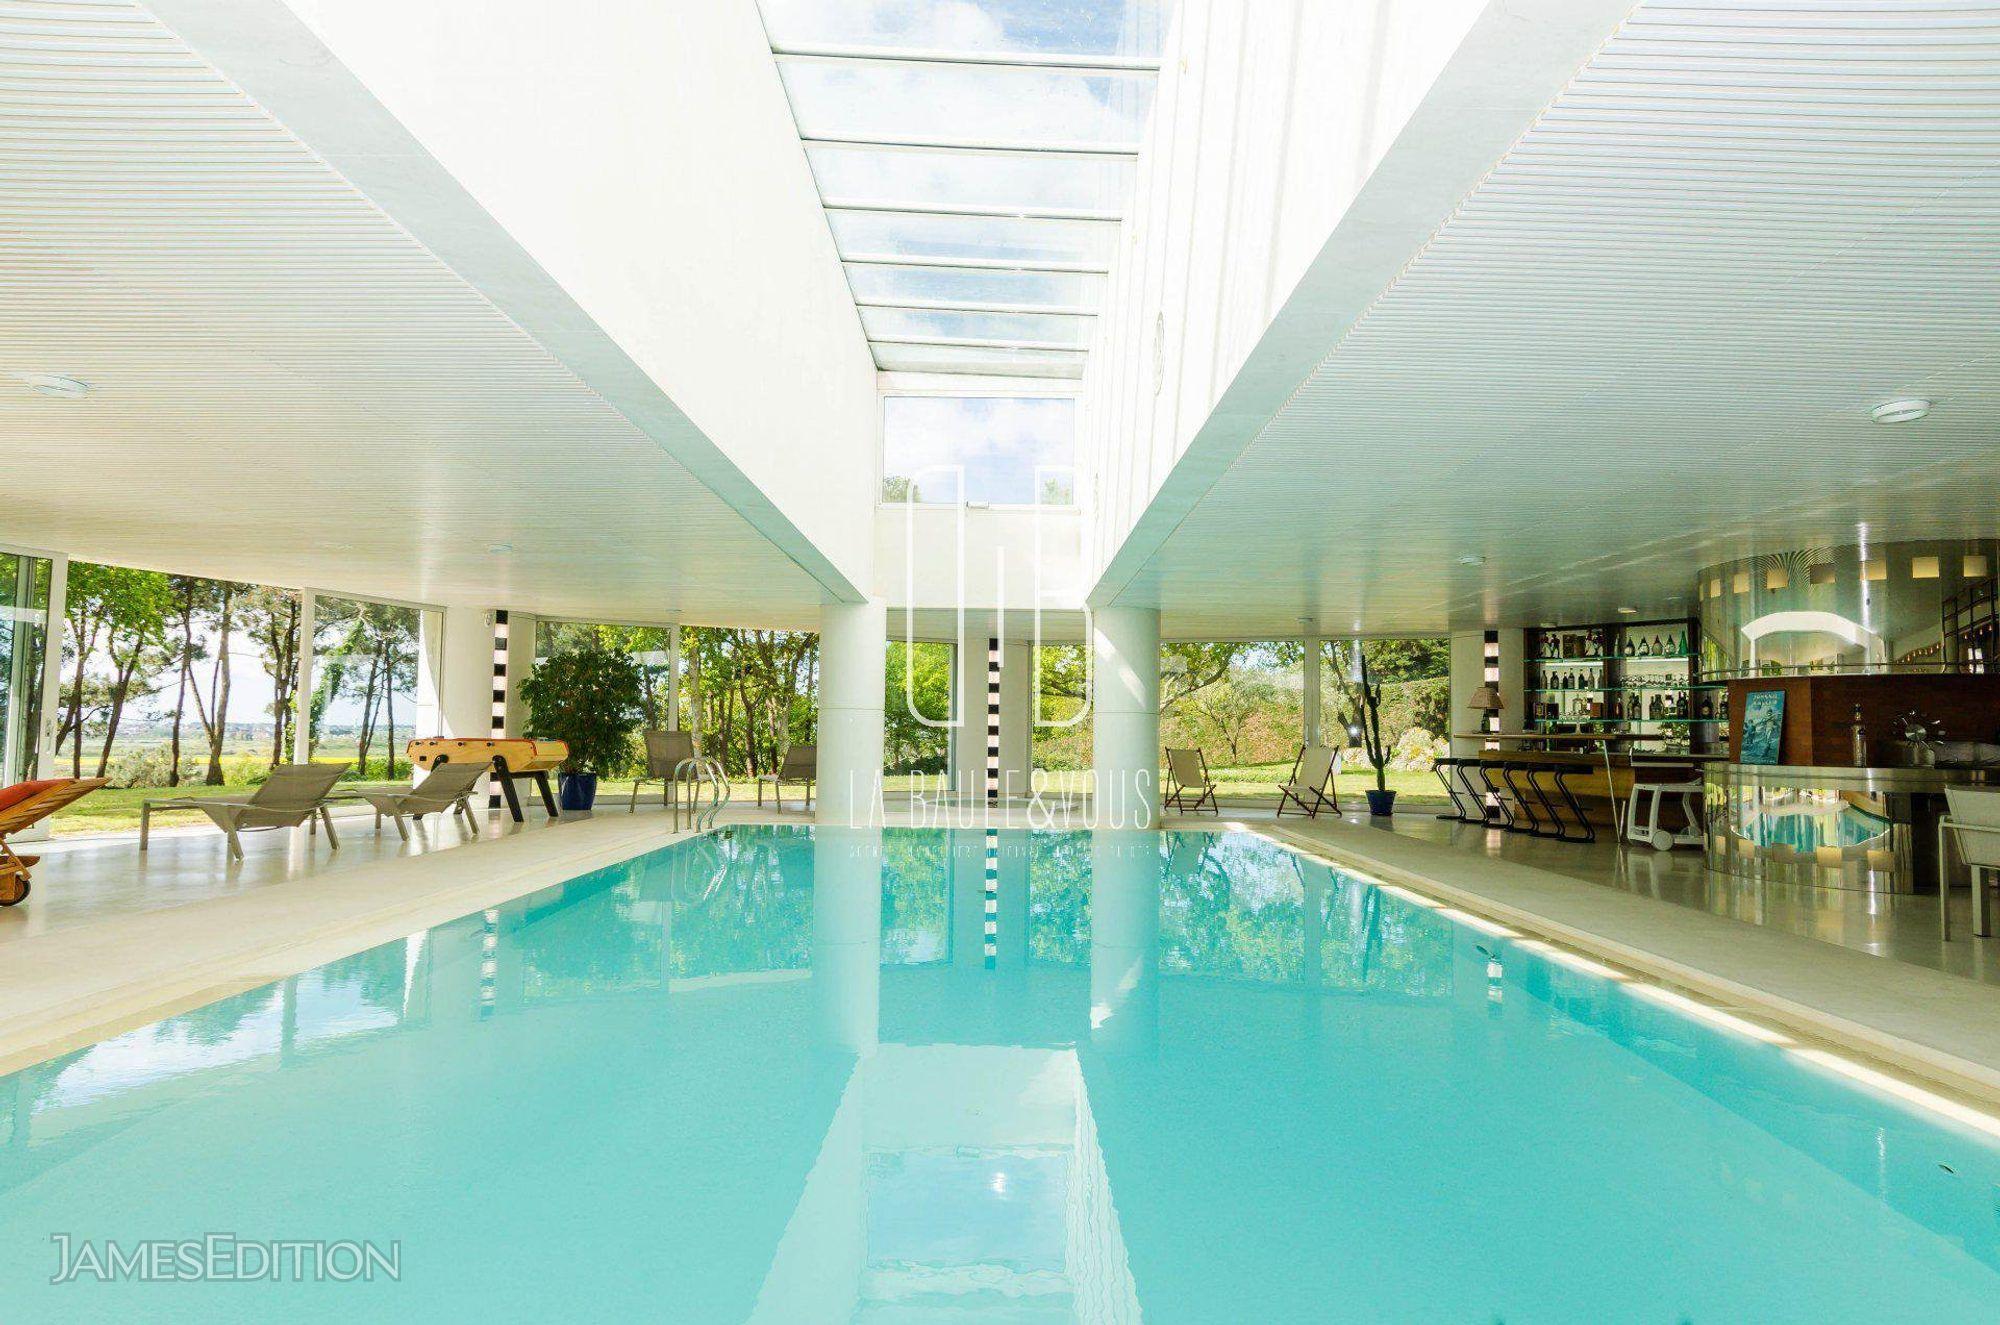 Sale - Property La Baule-Escoublac pour Piscine Aquabaule